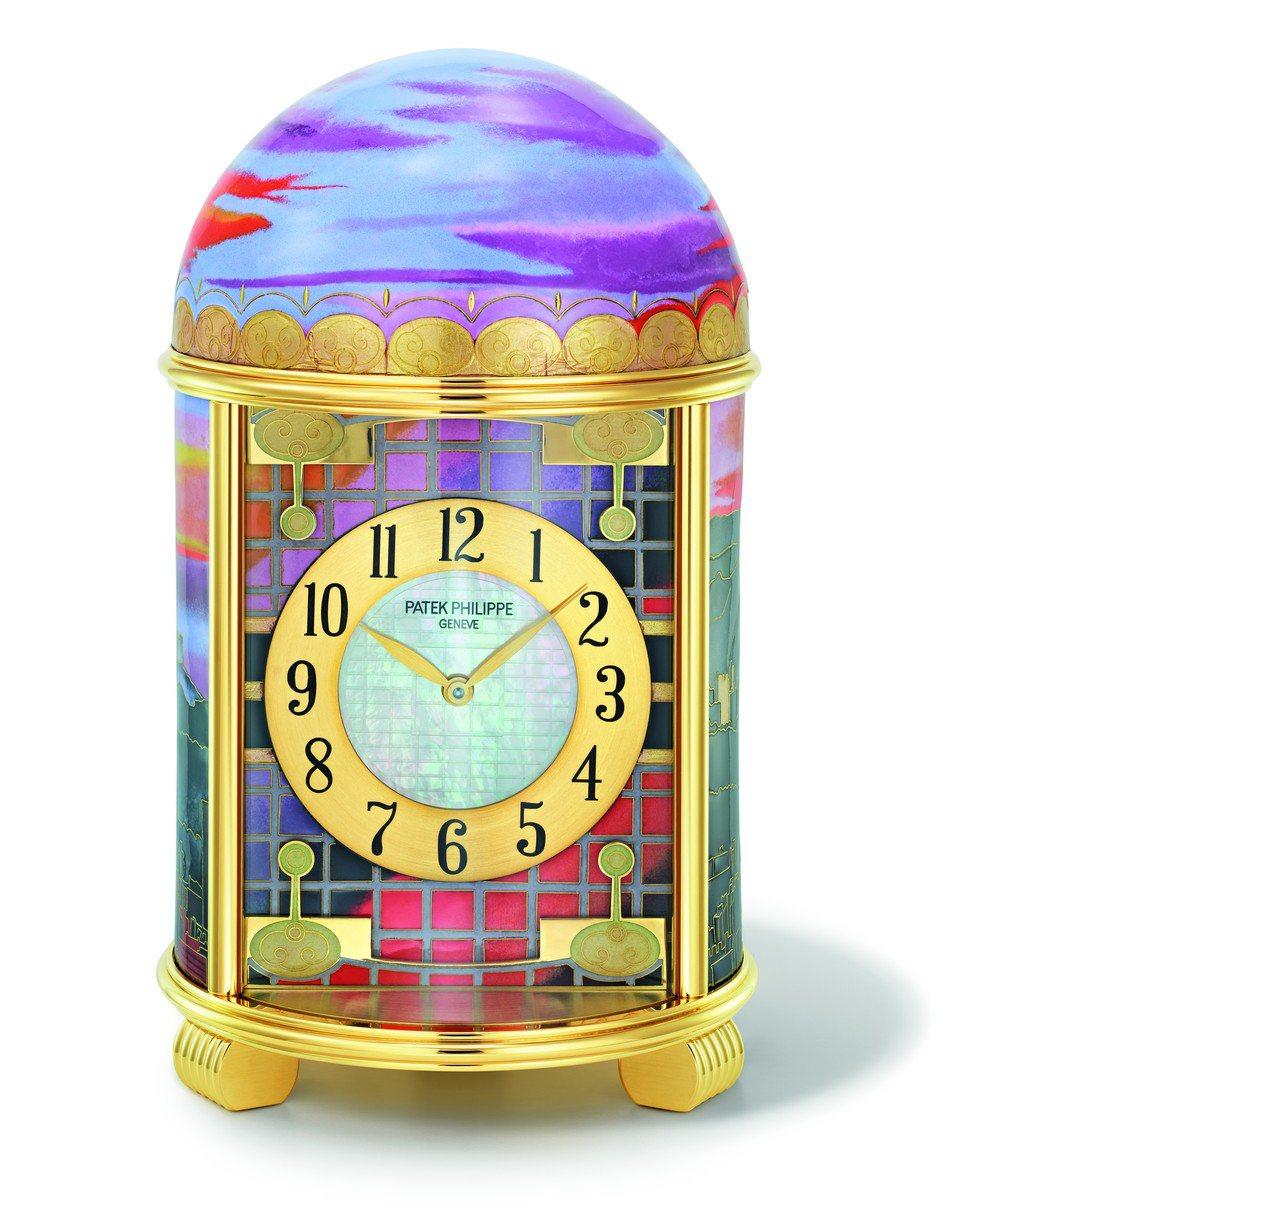 百達翡麗「雲輝霞映‧台北」圓頂座鐘,鐘盤為珍珠母貝,外圍環繞黑色琺瑯的寶璣式數字...